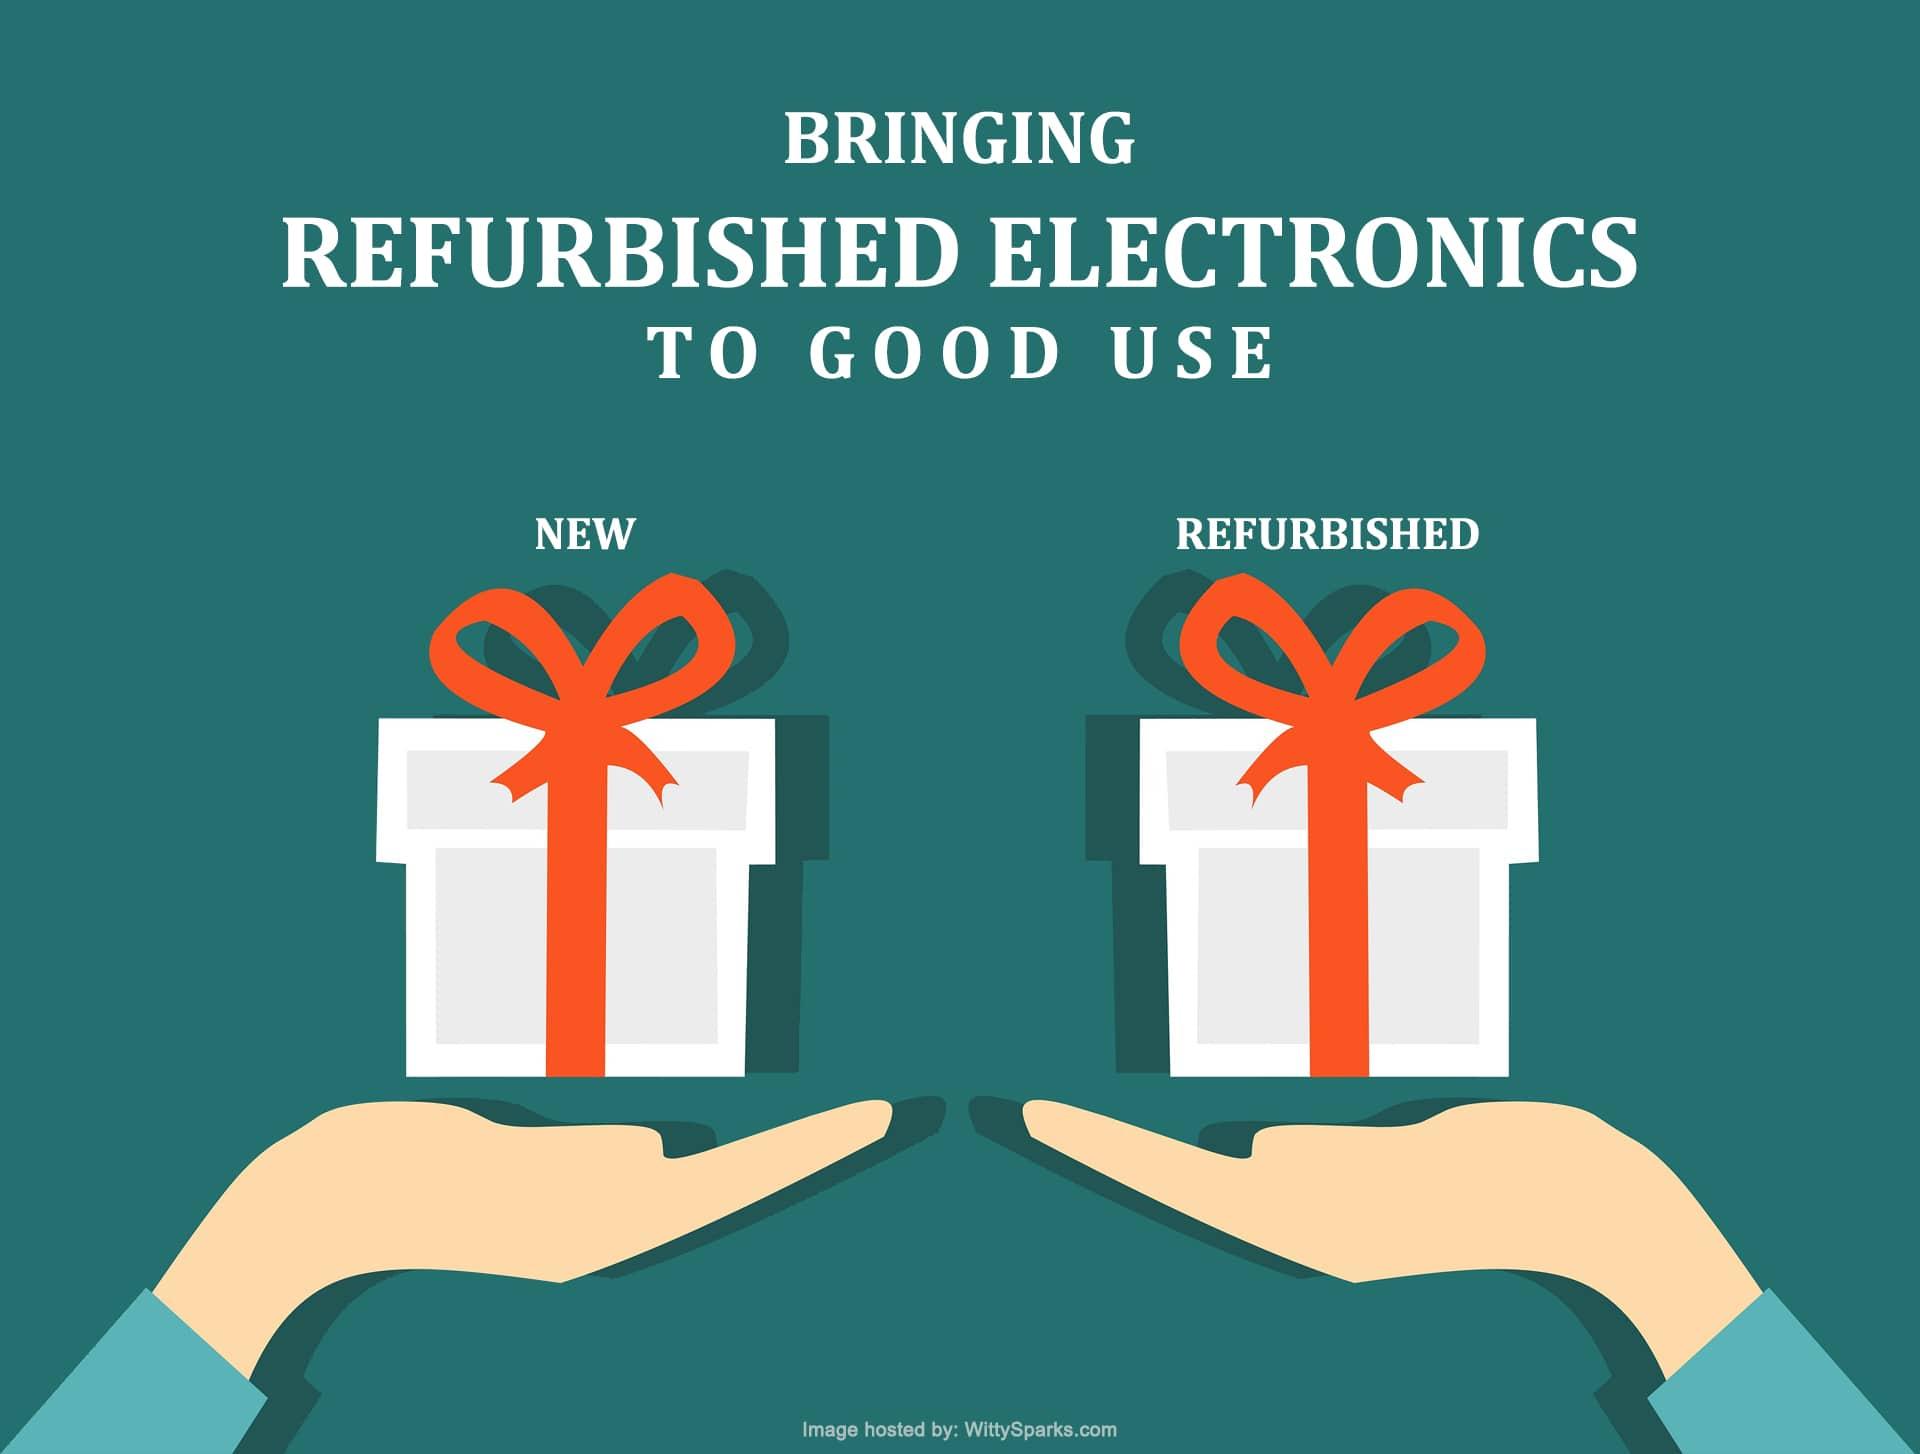 Bringing Refurbished Electronics to Good Use